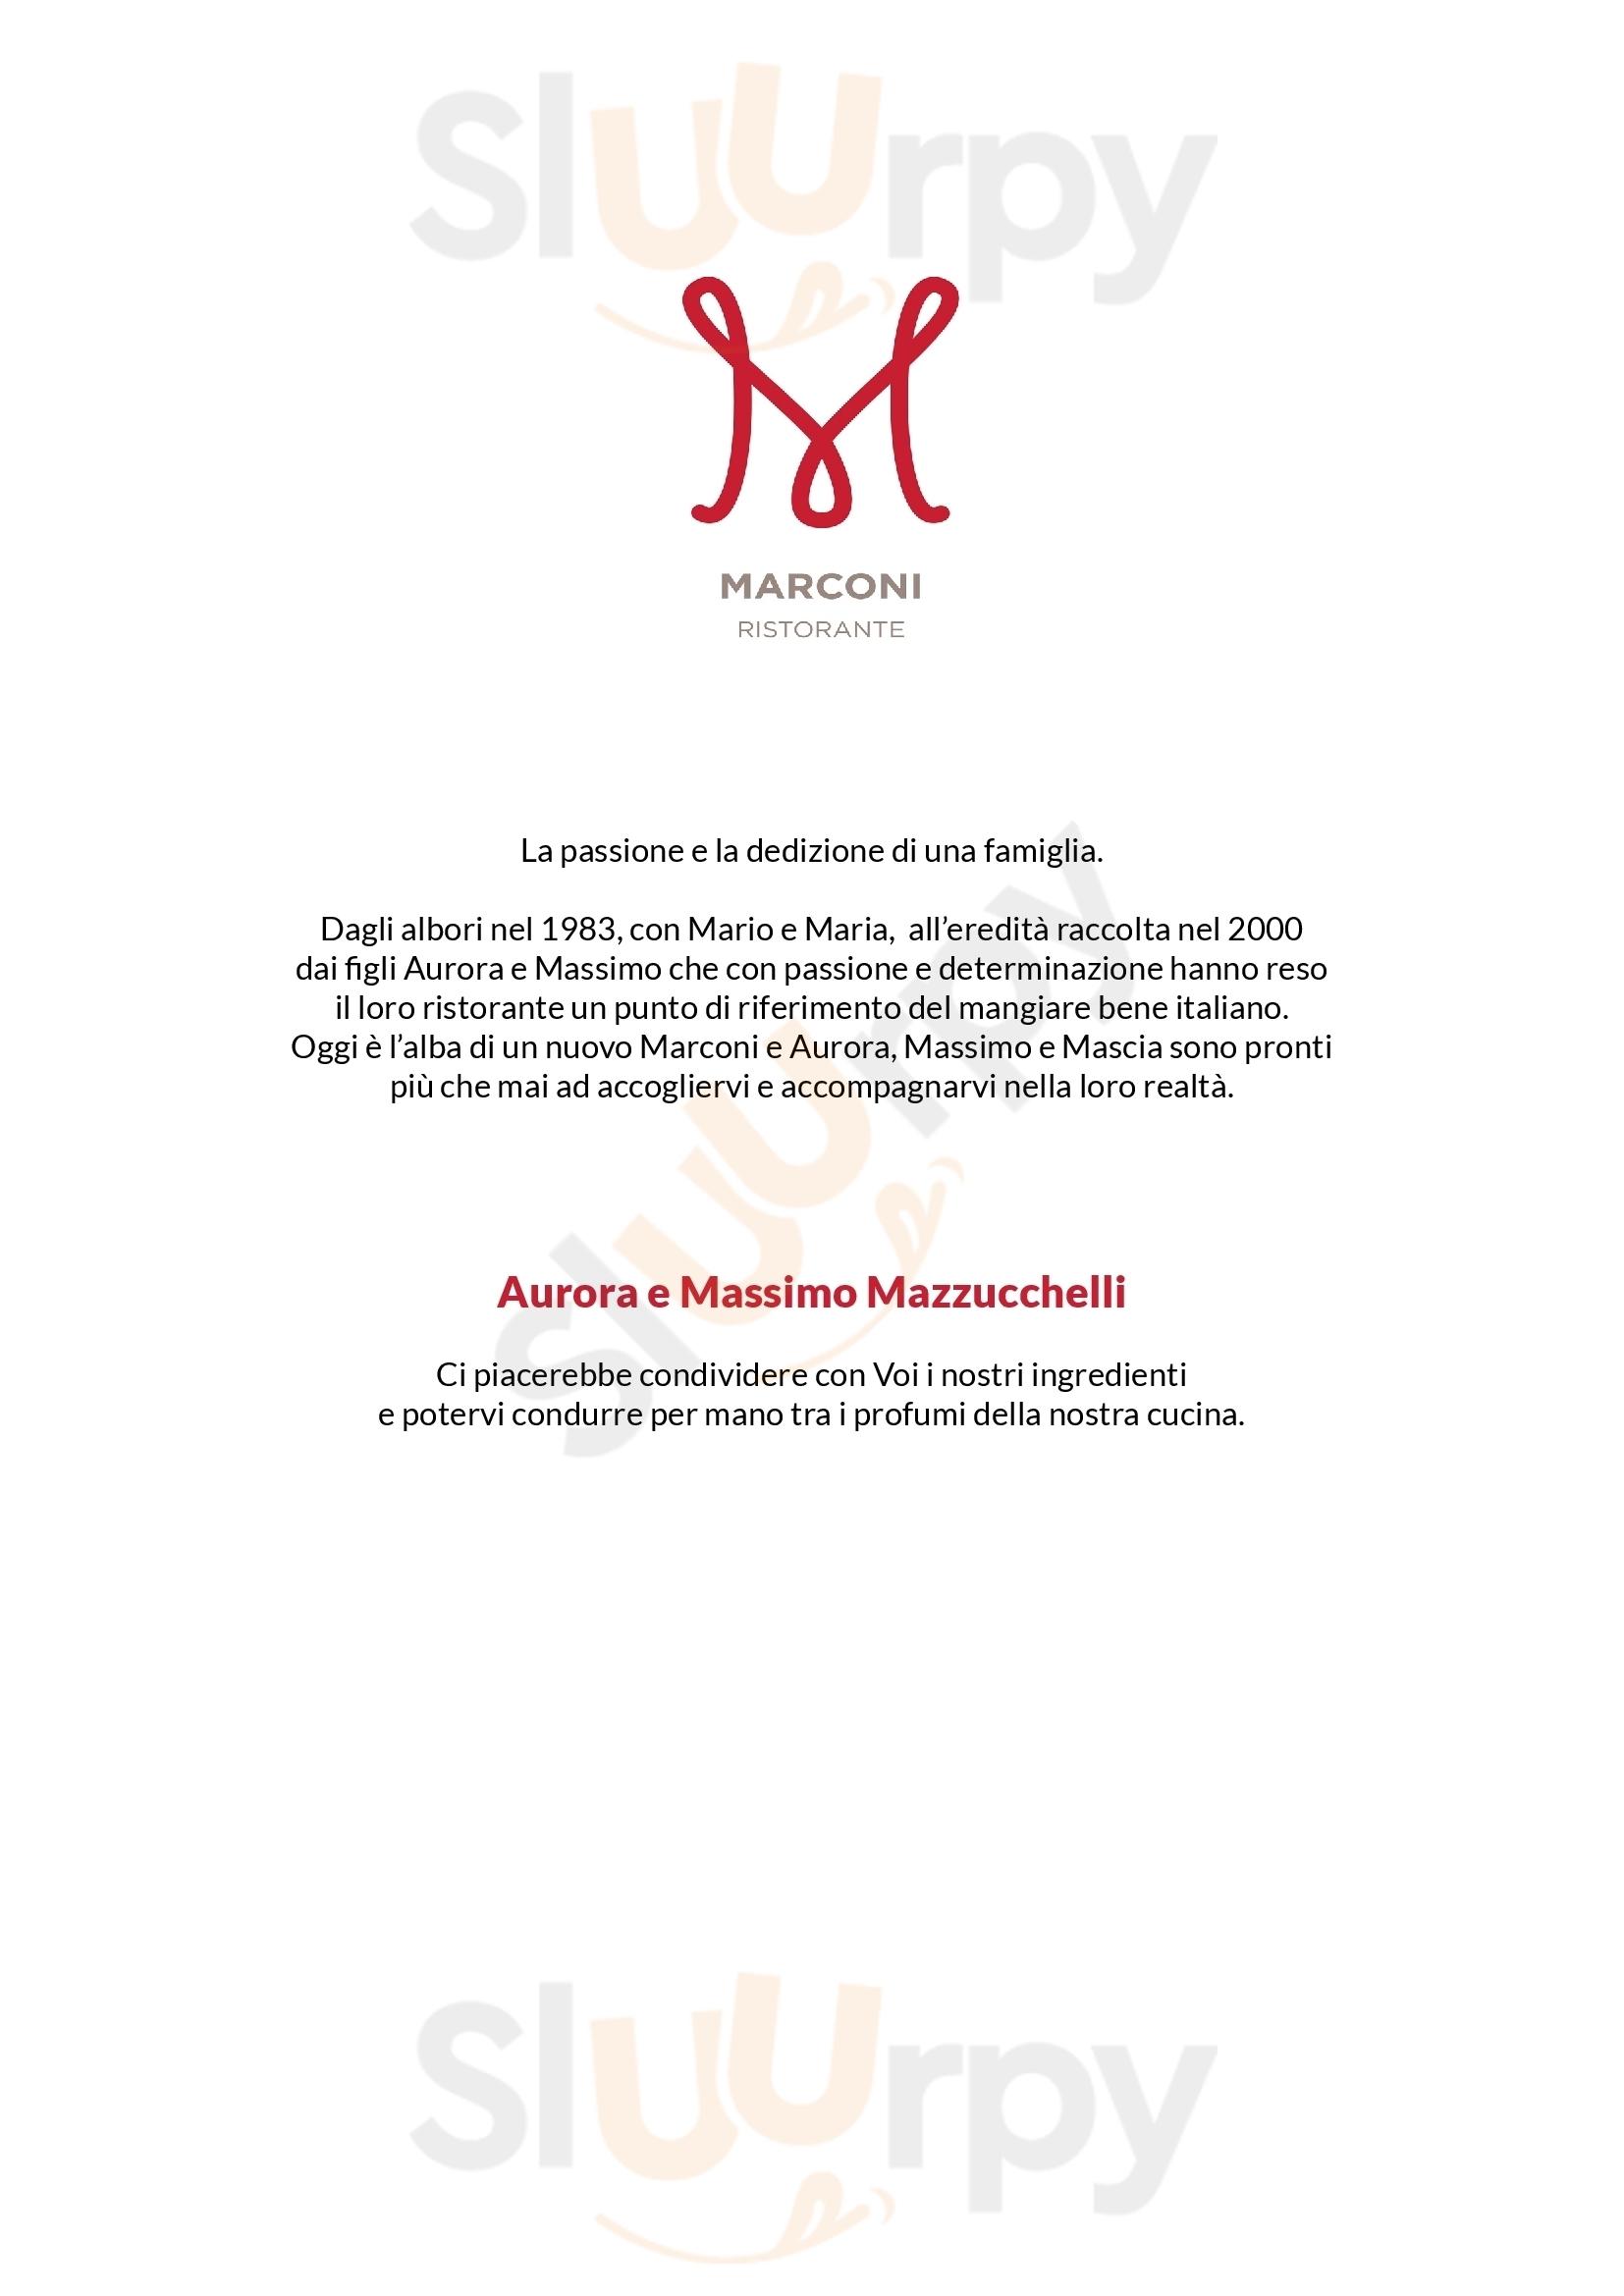 MARCONI Sasso Marconi menù 1 pagina